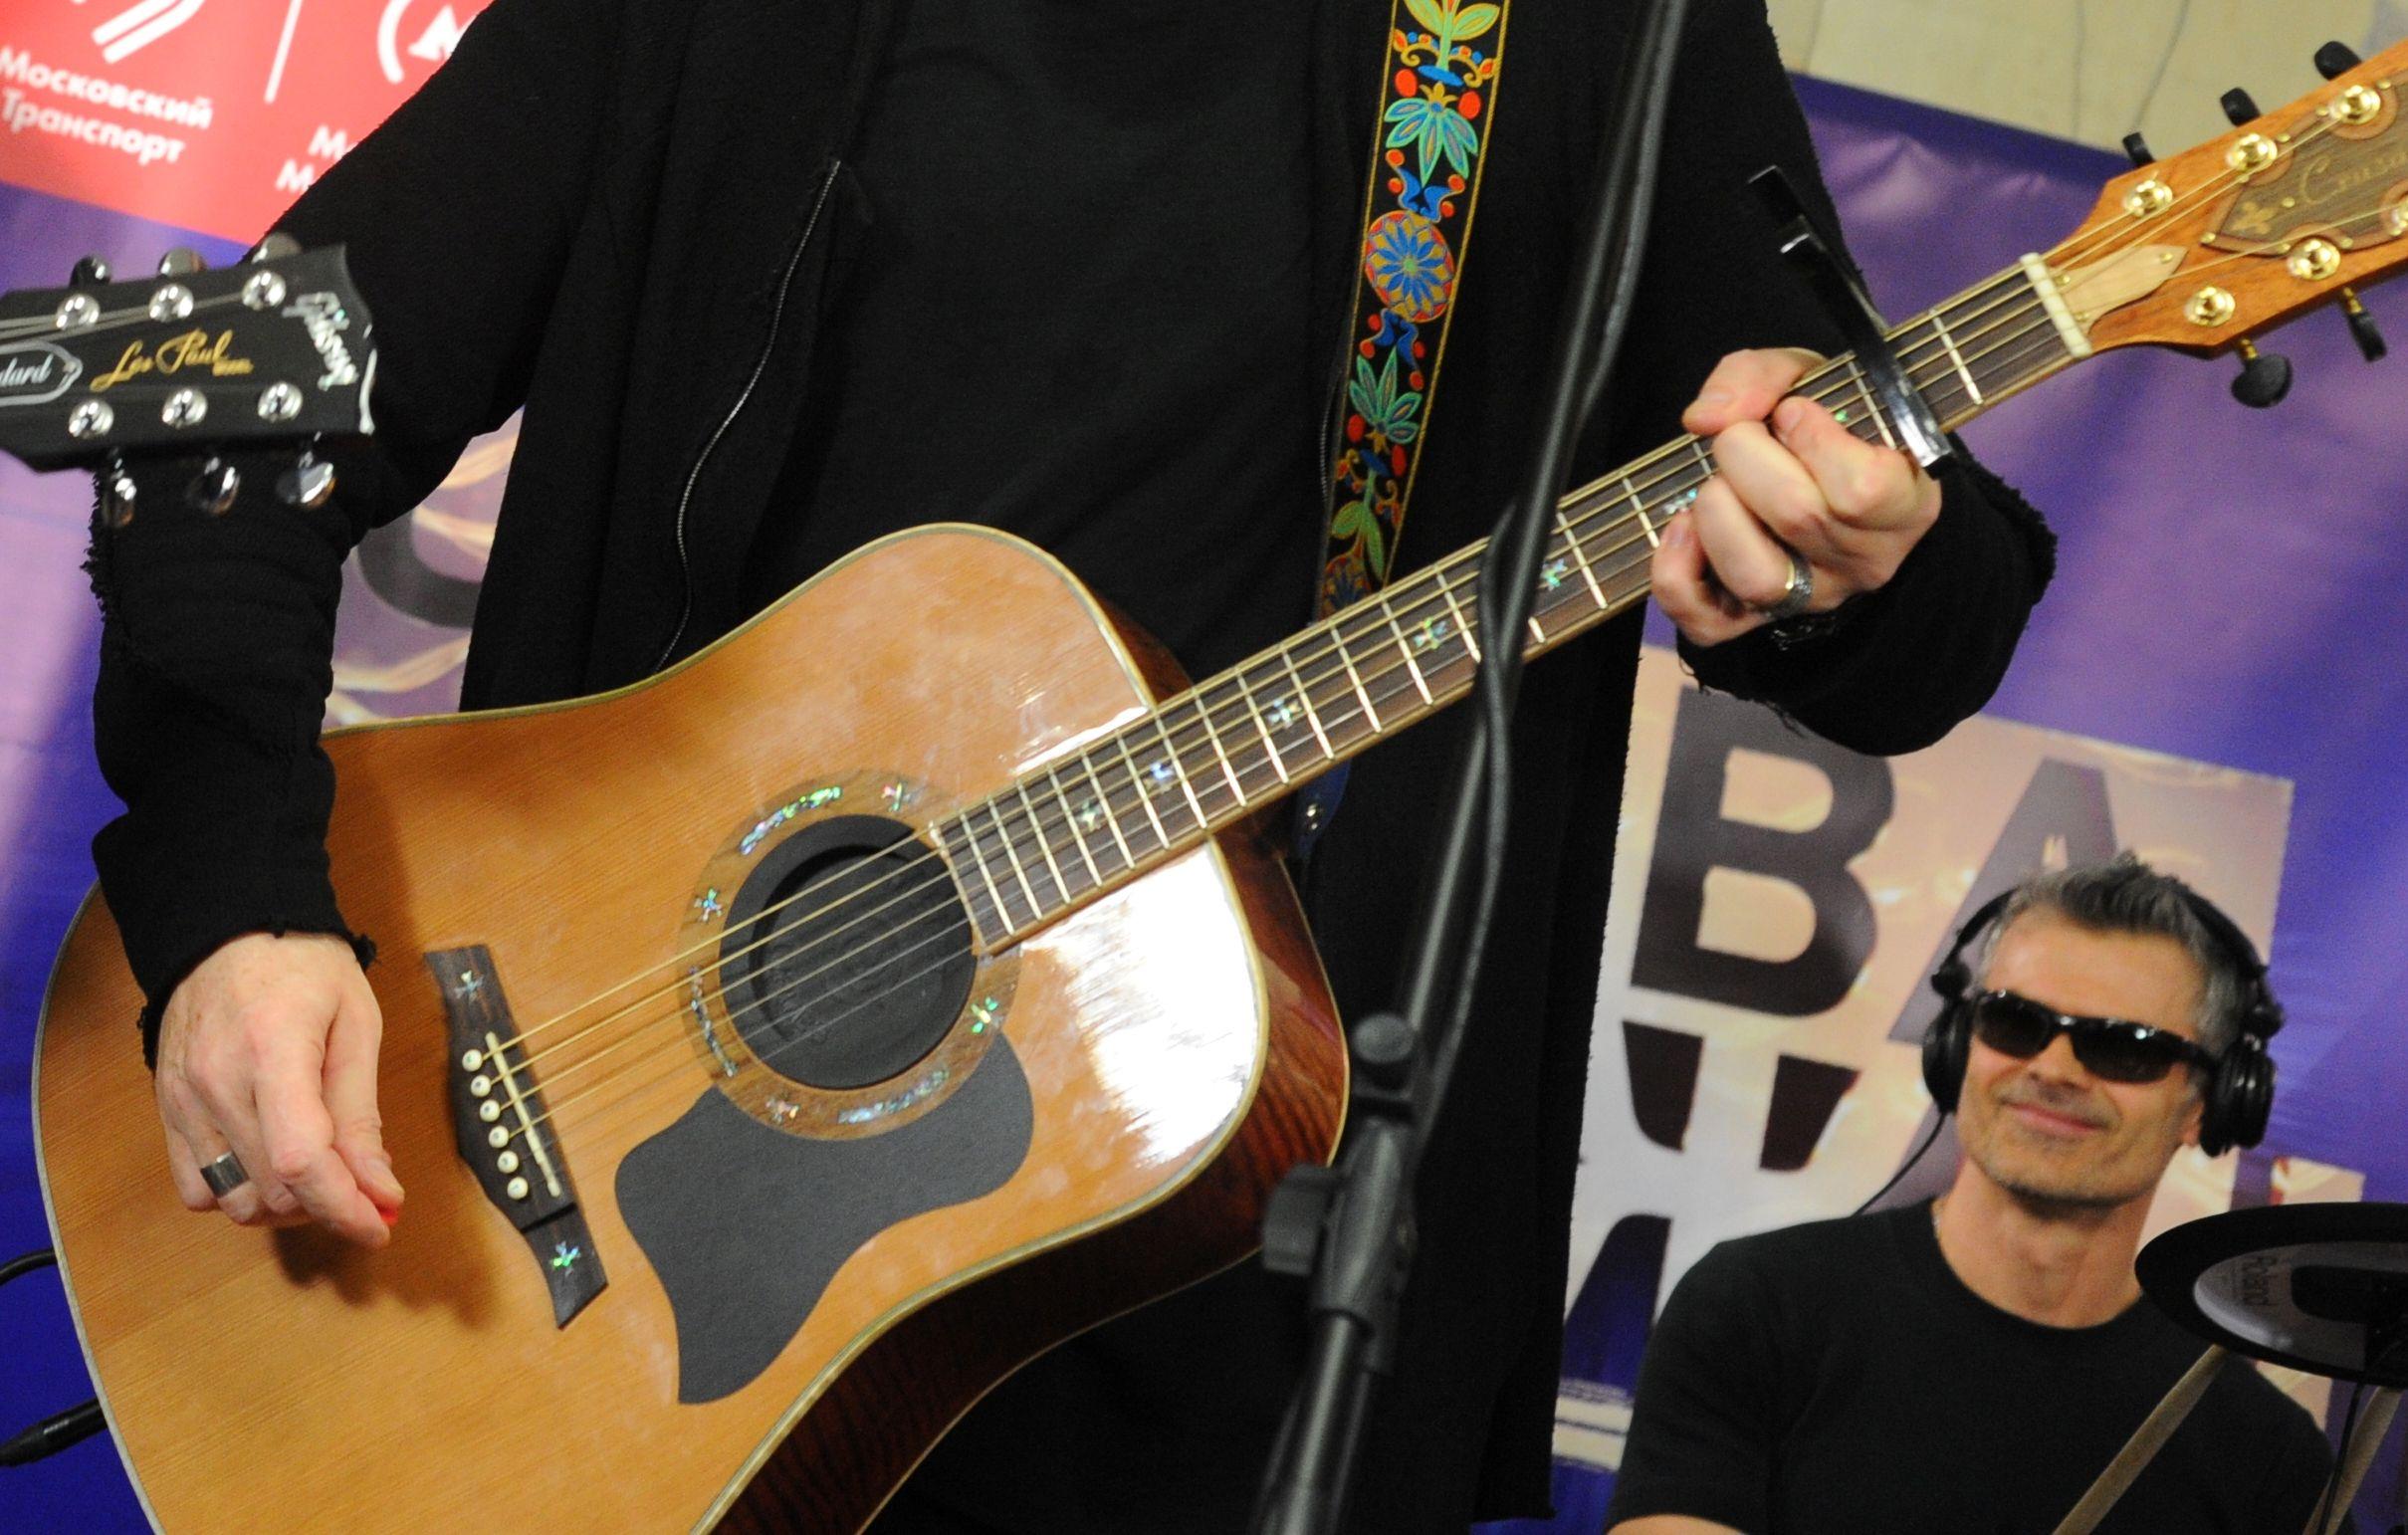 Лучшим артистом проекта «Музыка в метро» стал гитарист